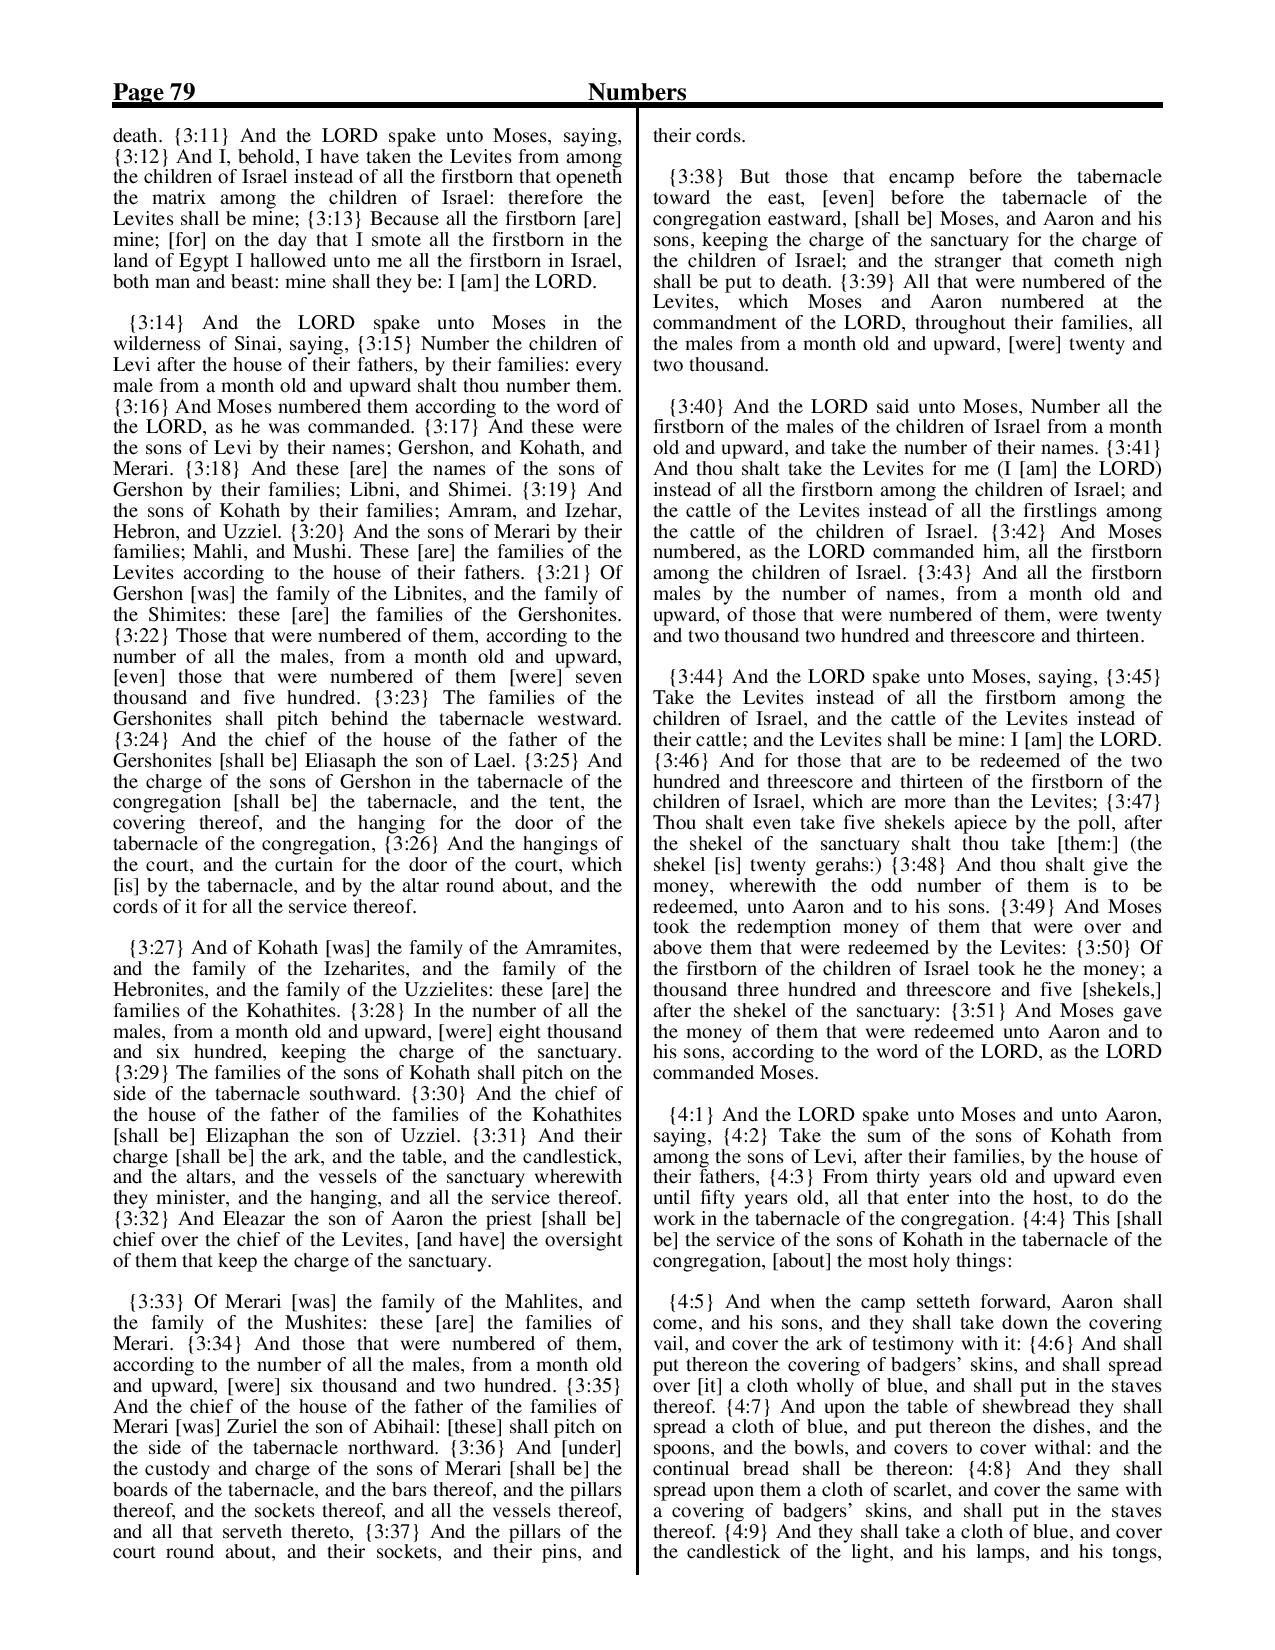 King-James-Bible-KJV-Bible-PDF-page-100